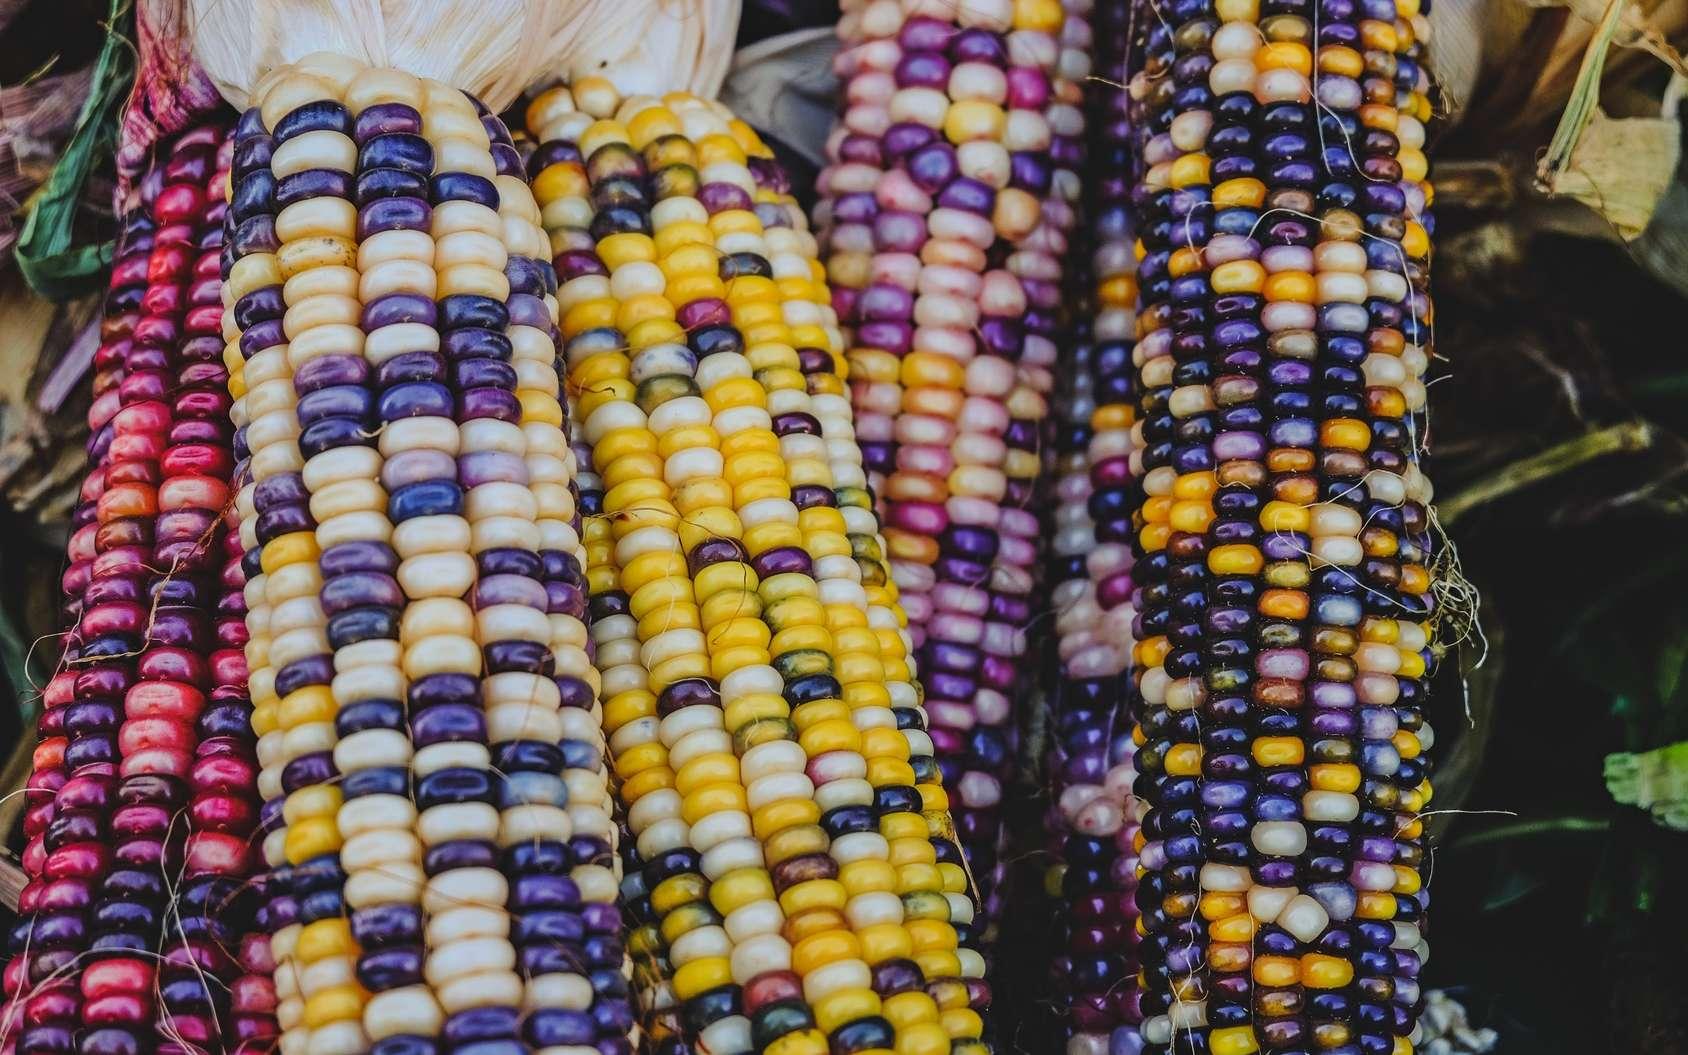 Les motifs de couleurs des épis de maïs sont déterminés génétiquement. Ils ont permis des découvertes fondamentales grâce au génie d'une chercheuse américaine, Barbara McClintock. © Iryna Liveoak, Fotolia